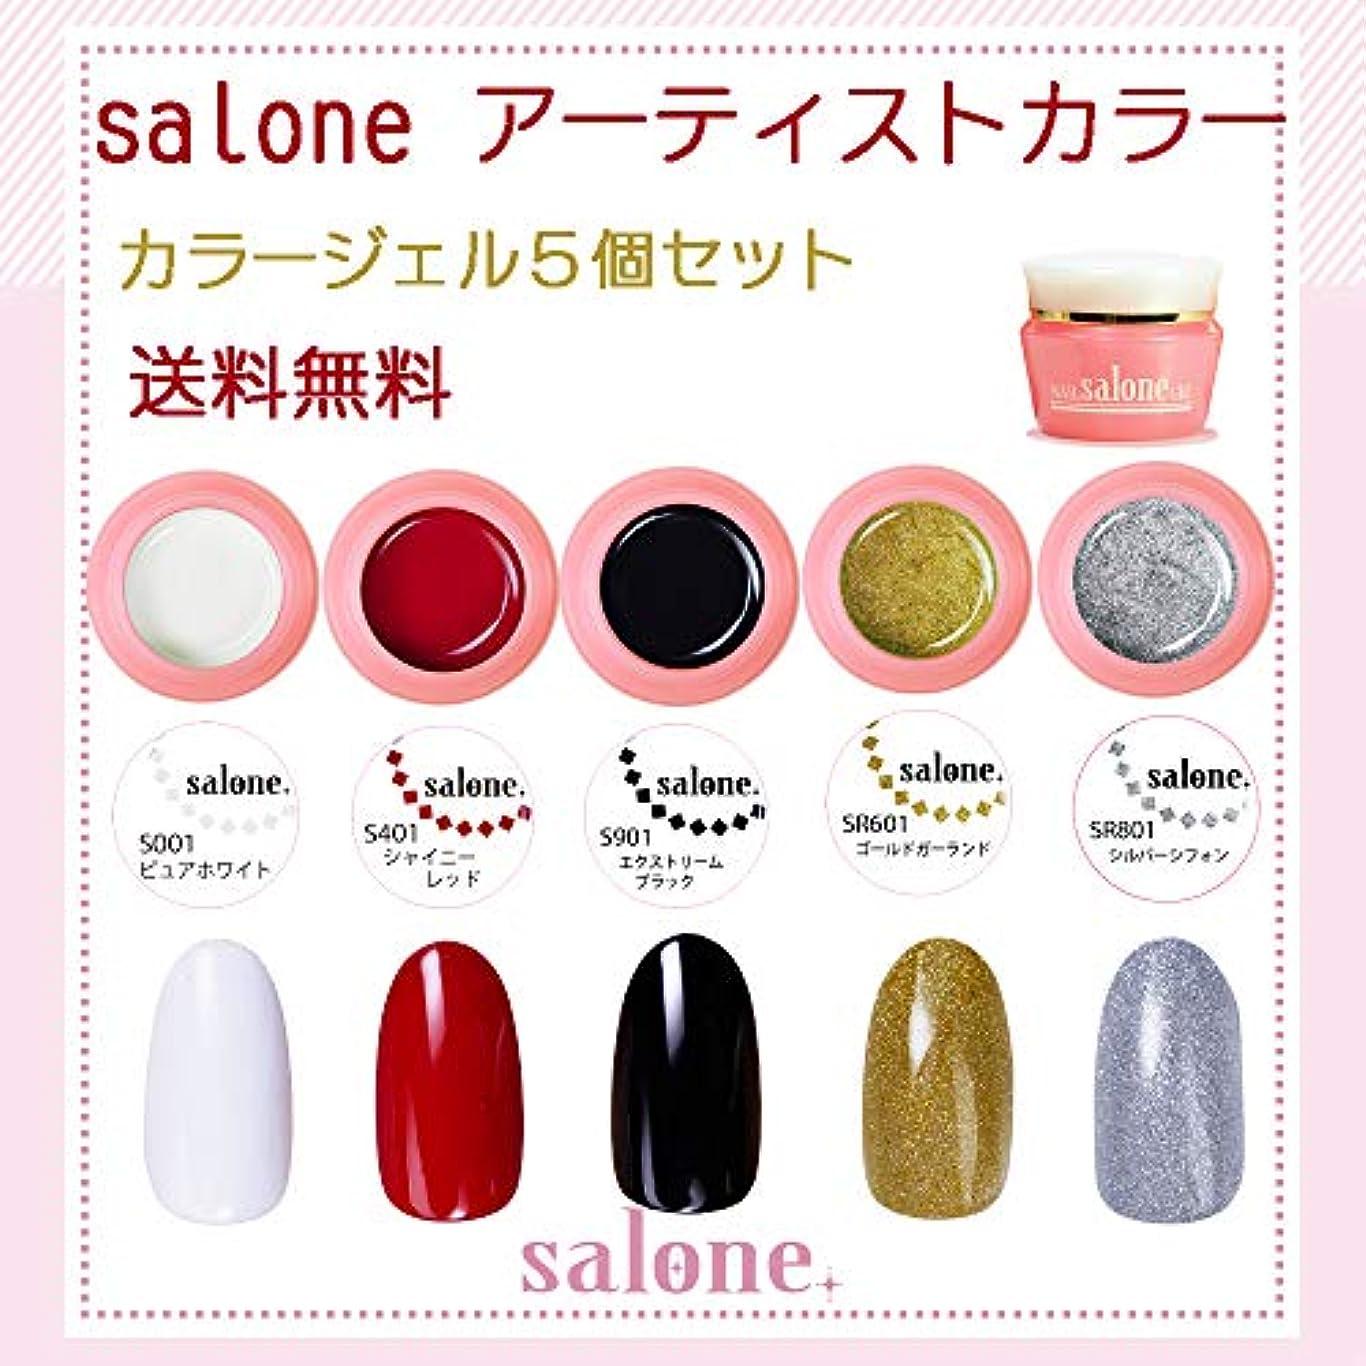 開いた資産オゾン【送料無料 日本製】Salone アーティスト カラージェル5個セット トレンドのラインアートにもピッタリなカラー